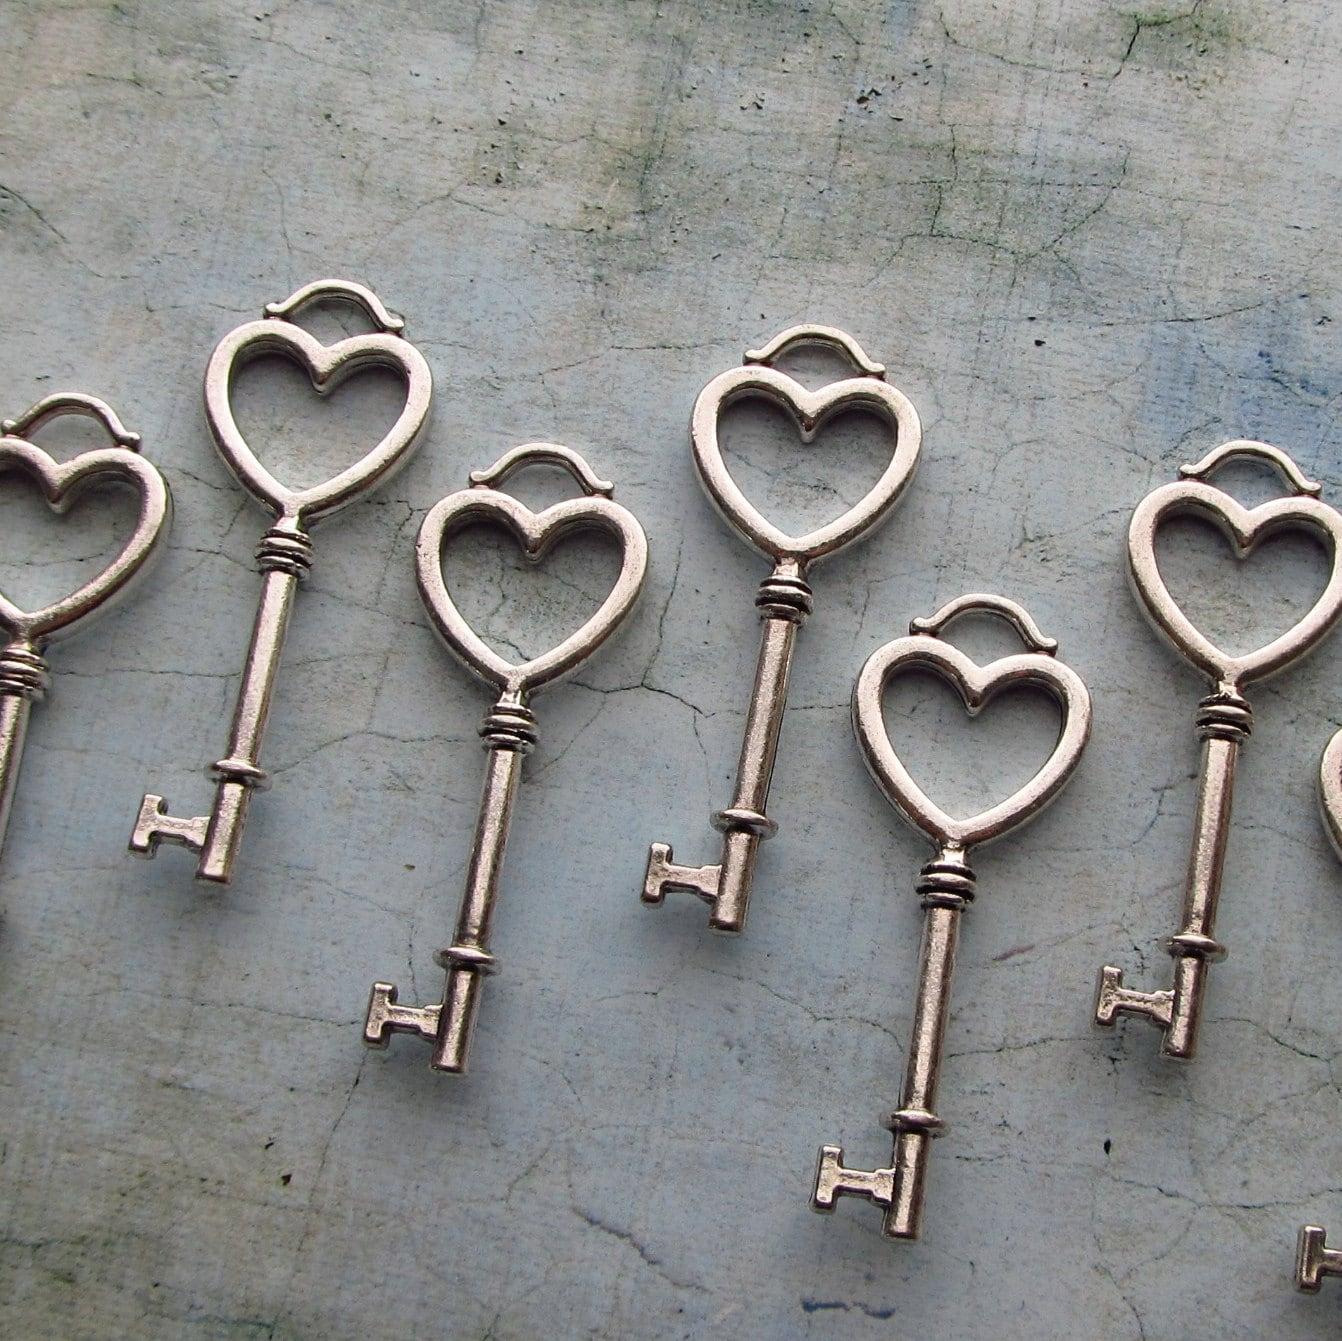 Viana Antique Silver Skeleton Key in a Heart Shape Set of 10